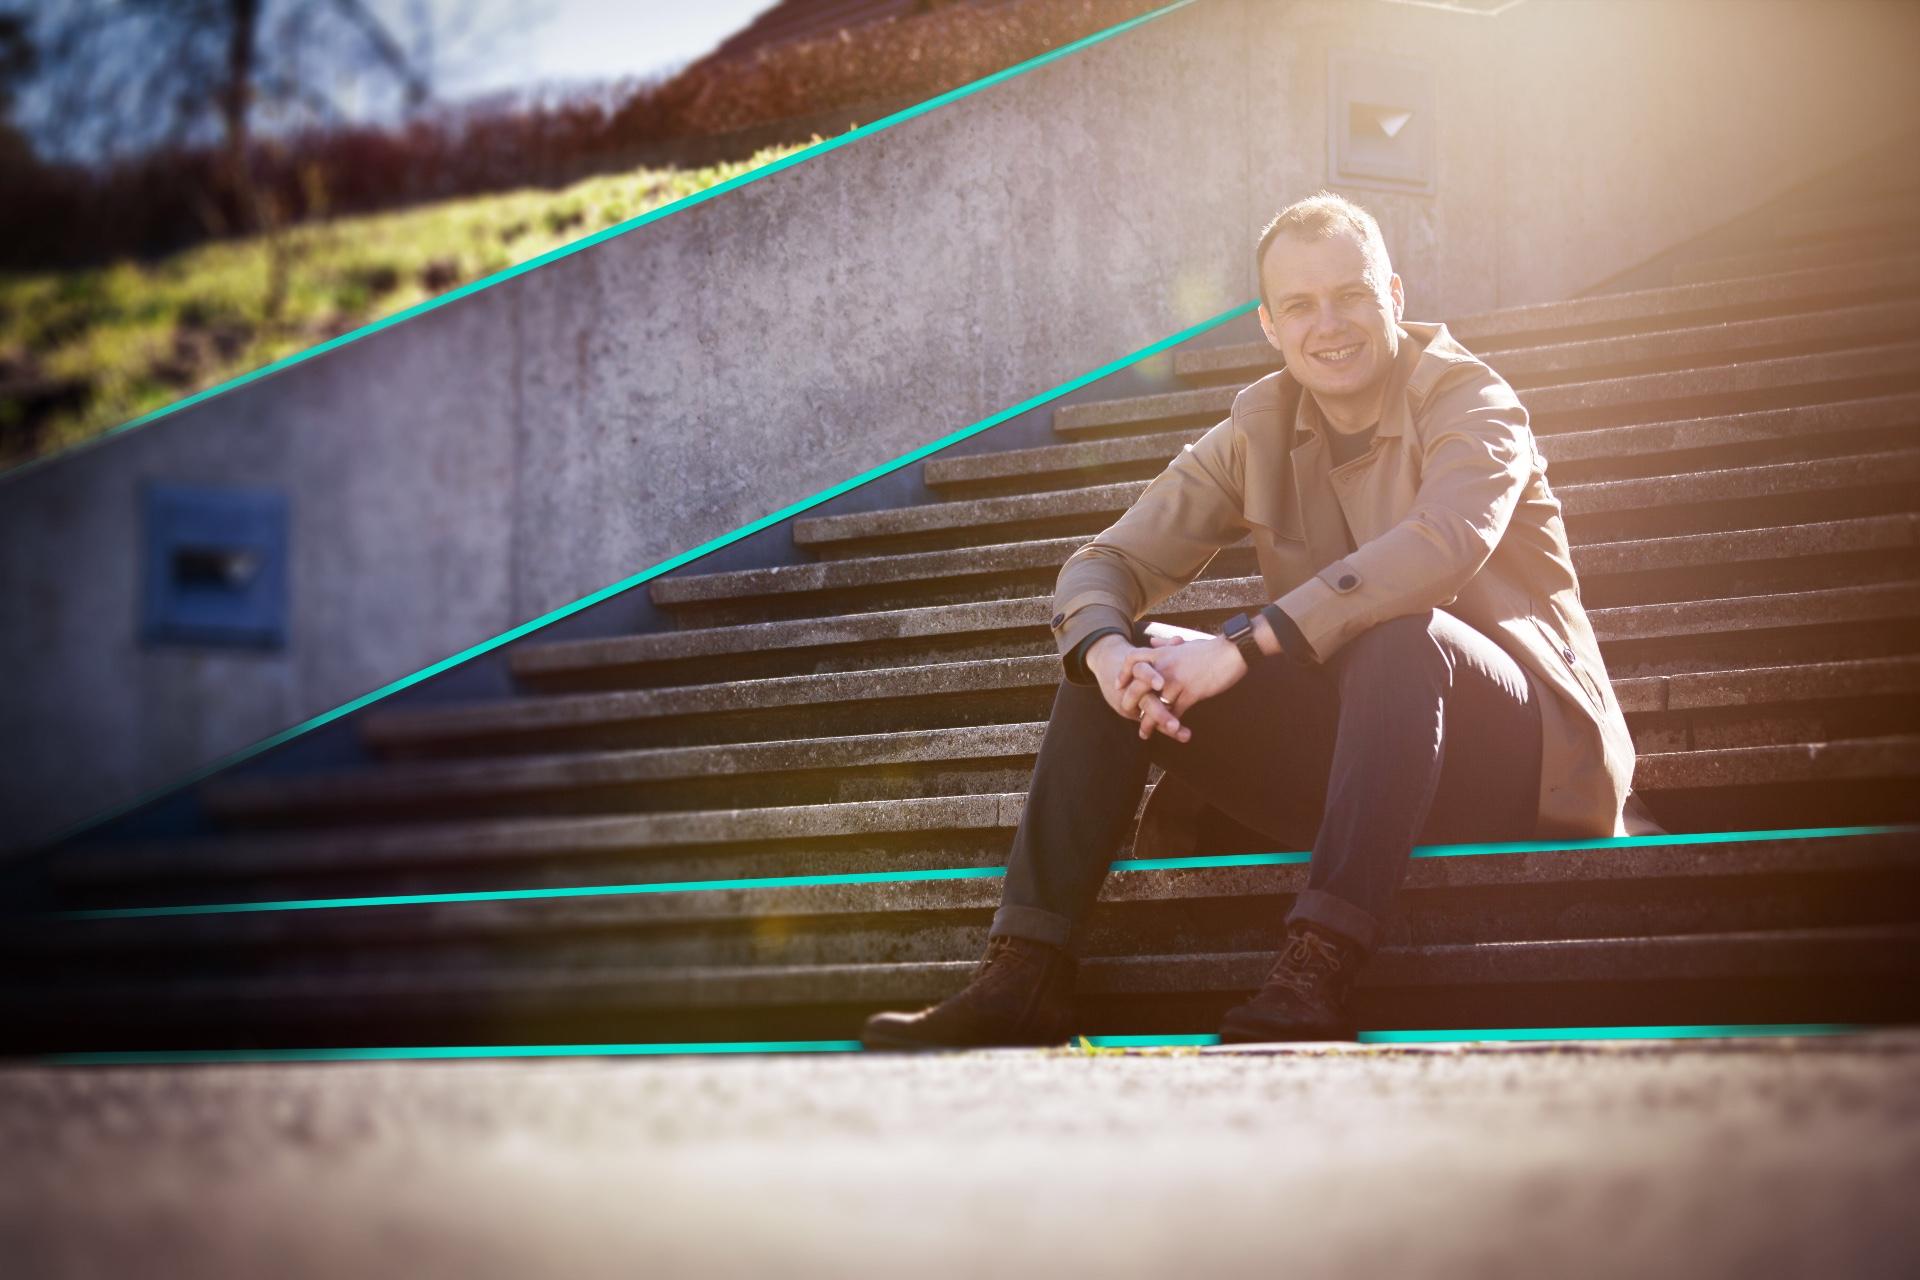 Walter auf Treppe